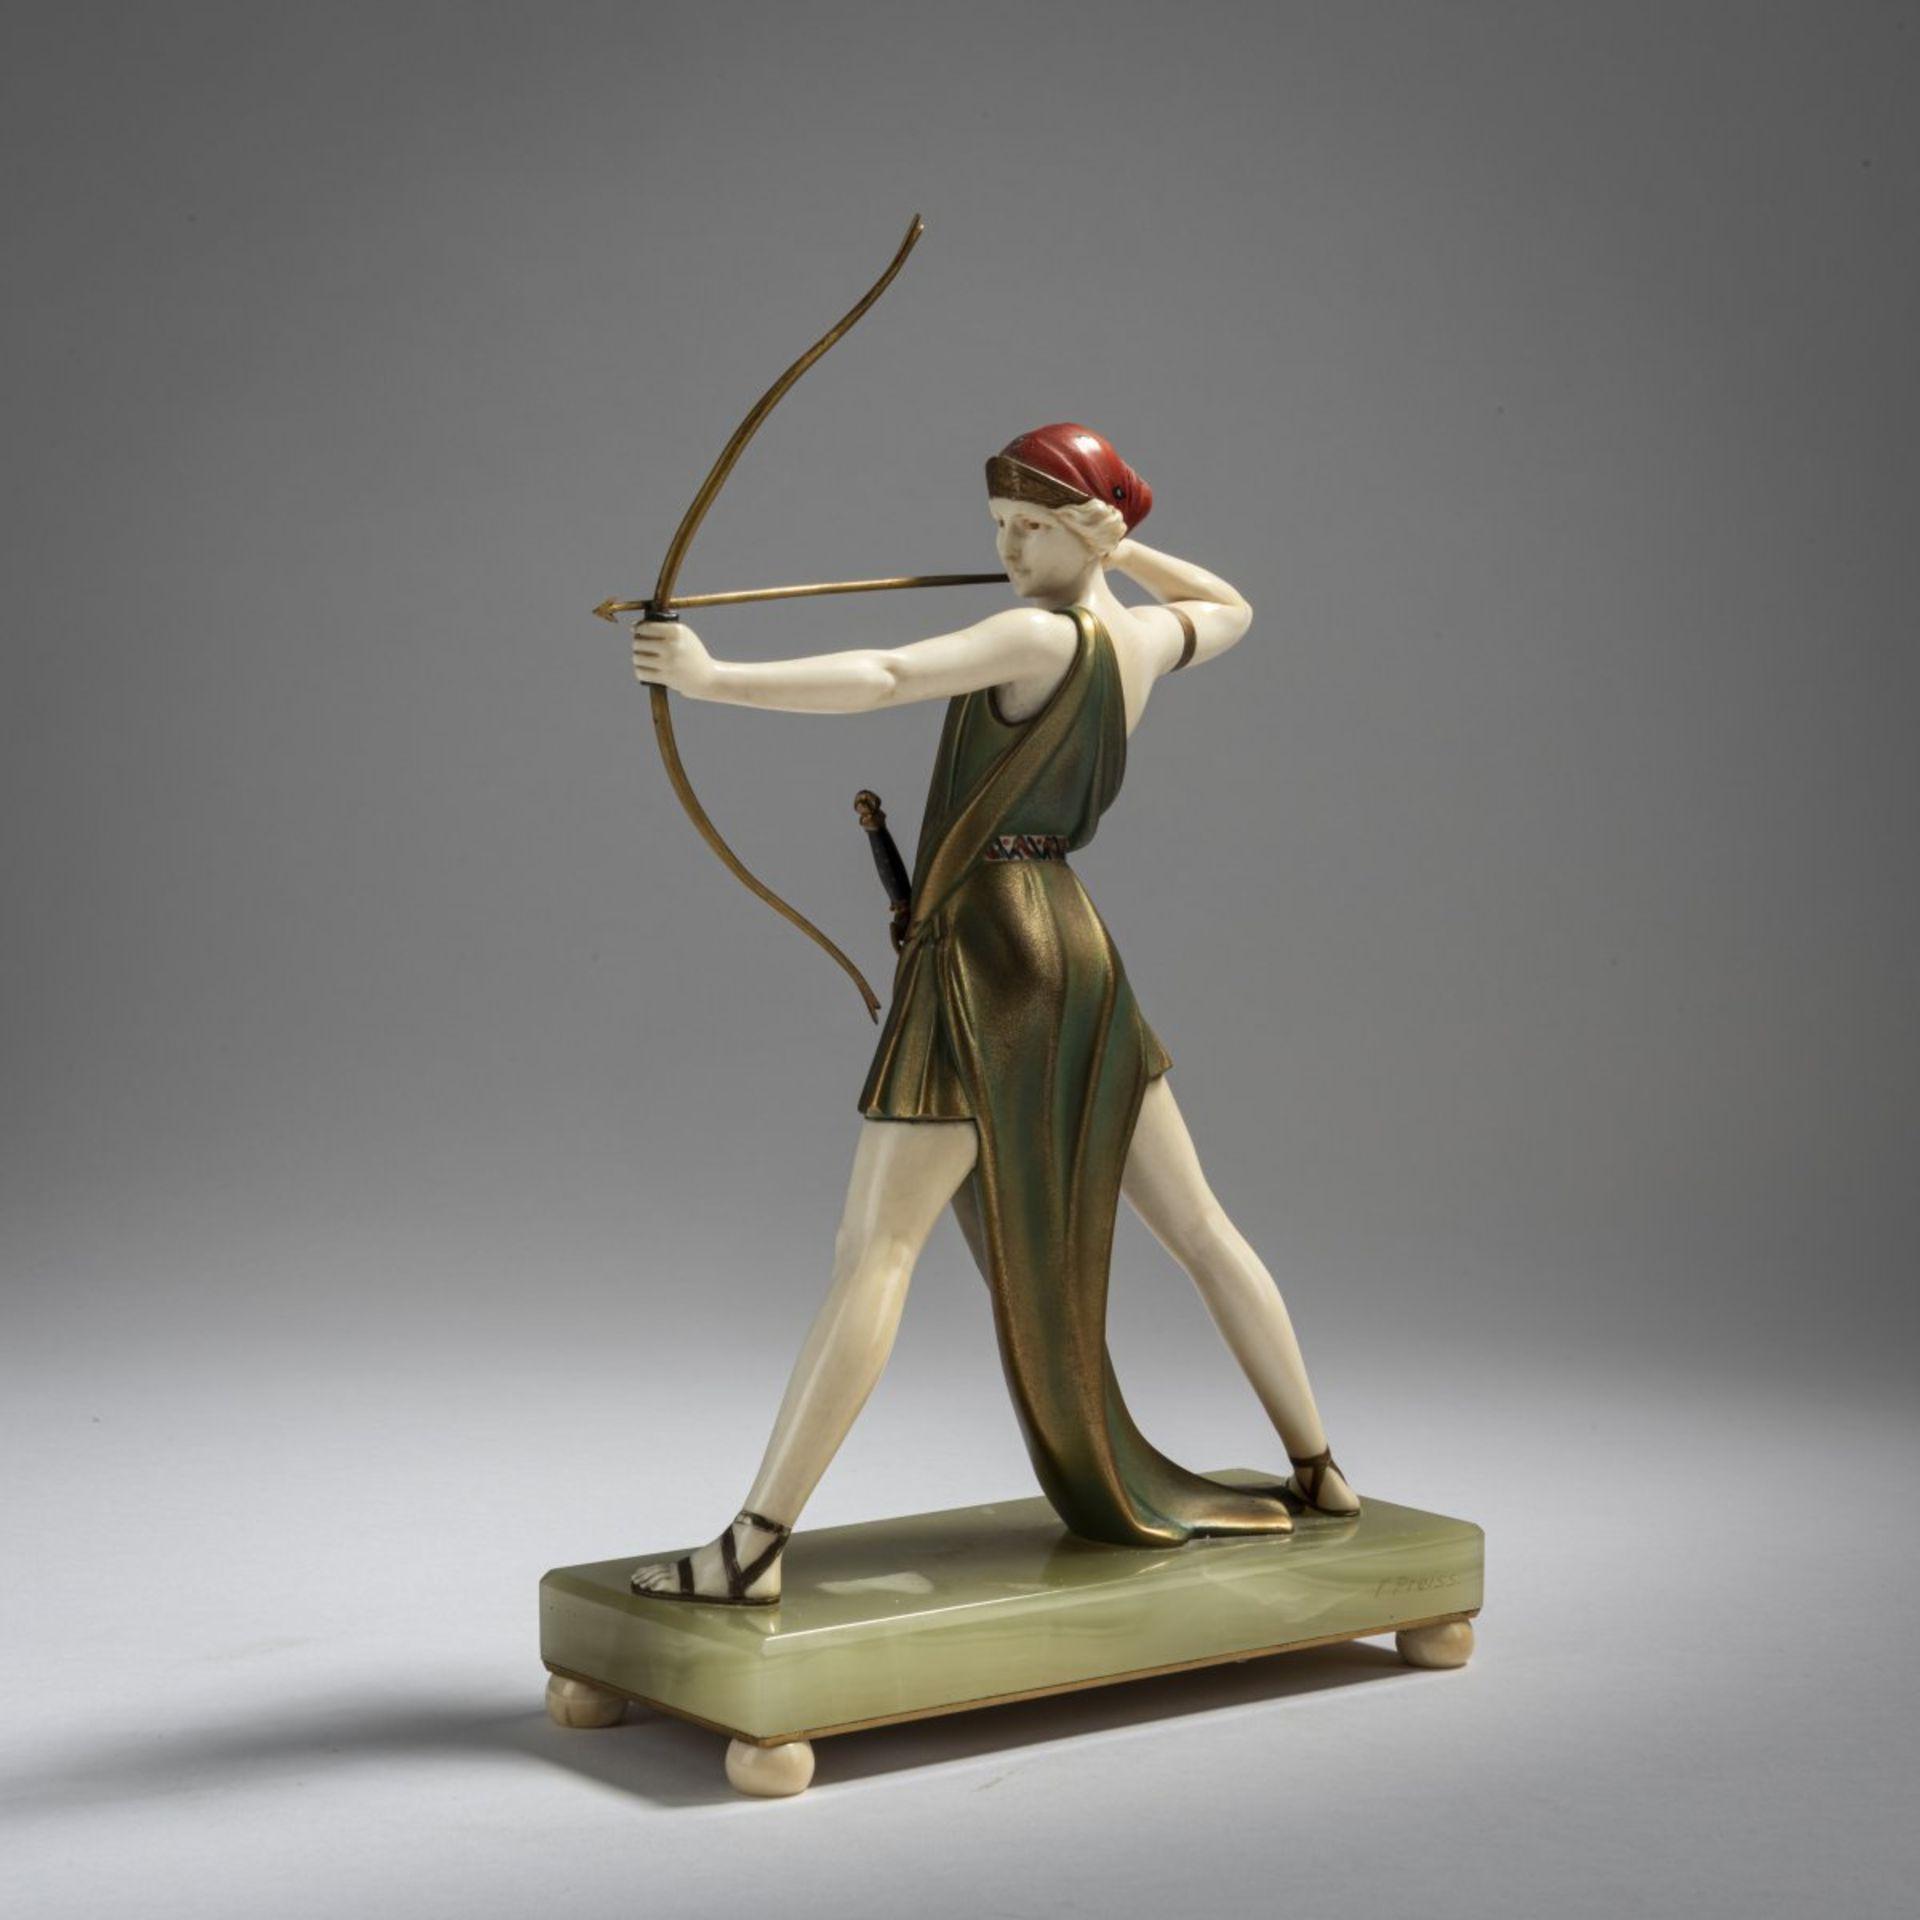 Ferdinand Preiss, 'Diana', um 1928 - Bild 5 aus 8